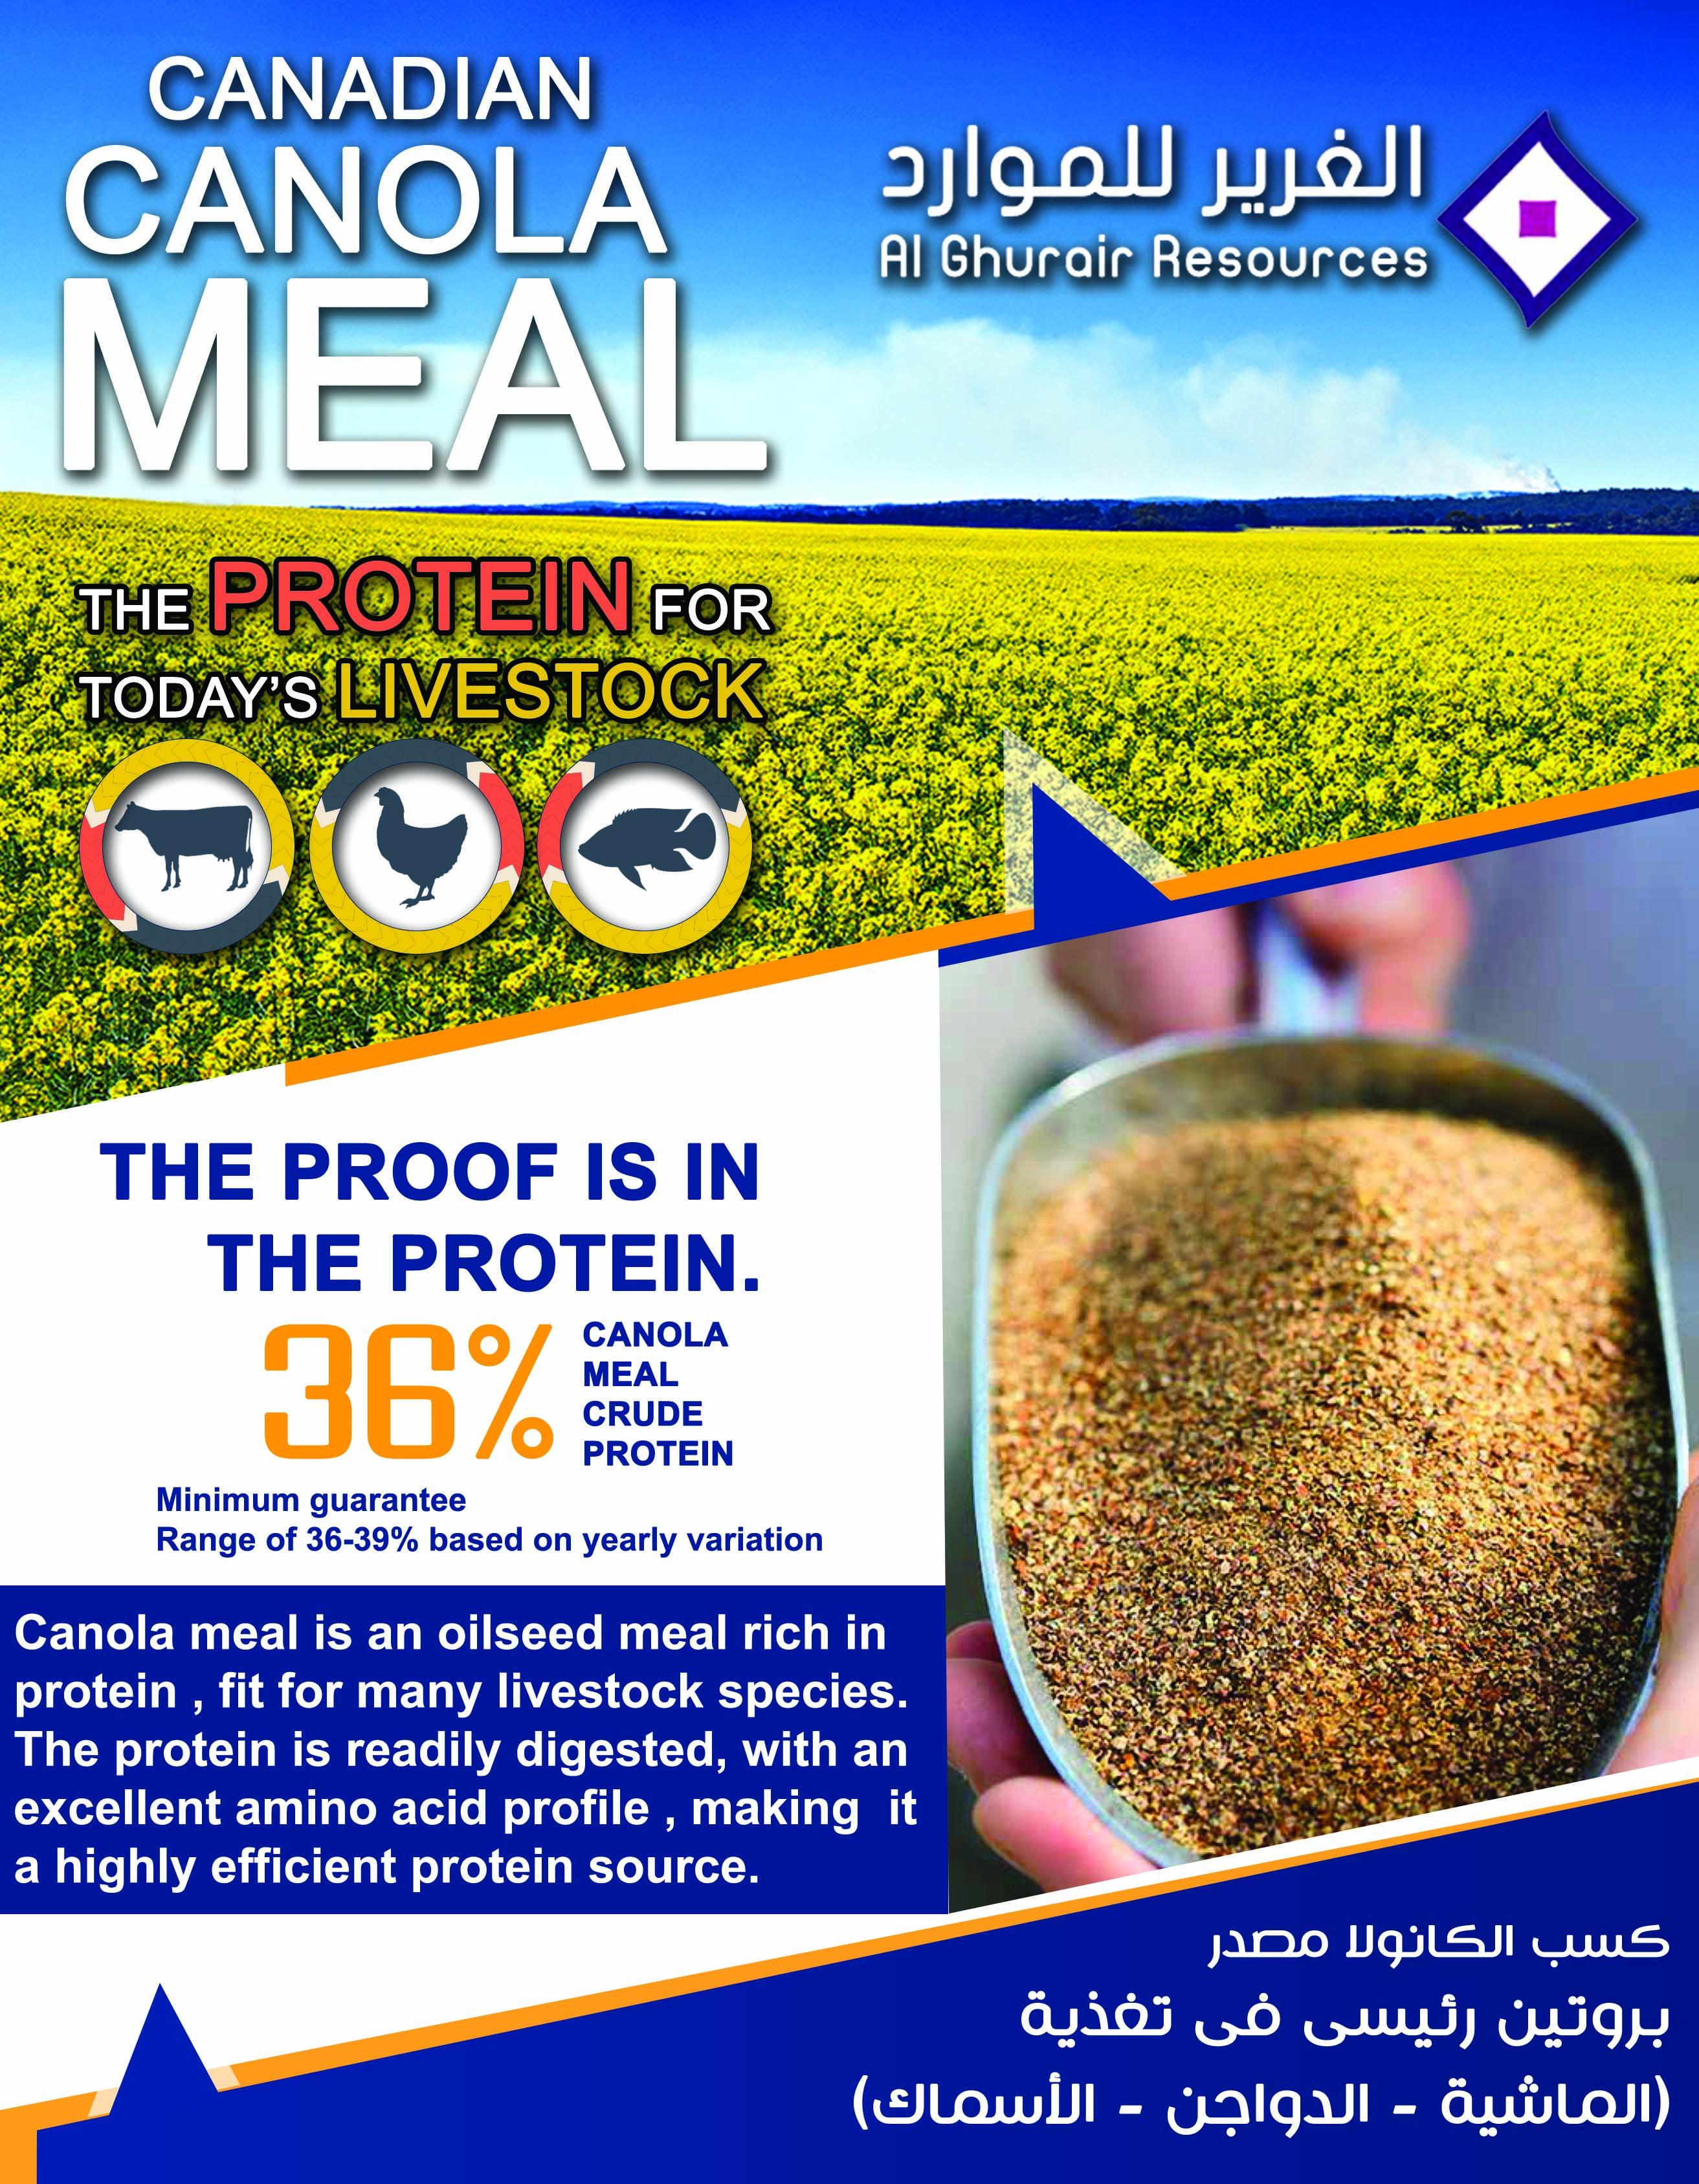 الغرير للموارد الوكيل الحصري Roots كسب الكانولا مصدر رئيسى فى تغذية الماشية الدواجن الاسماك تليفون Protein Rich Foods Rich In Protein Protein Foods